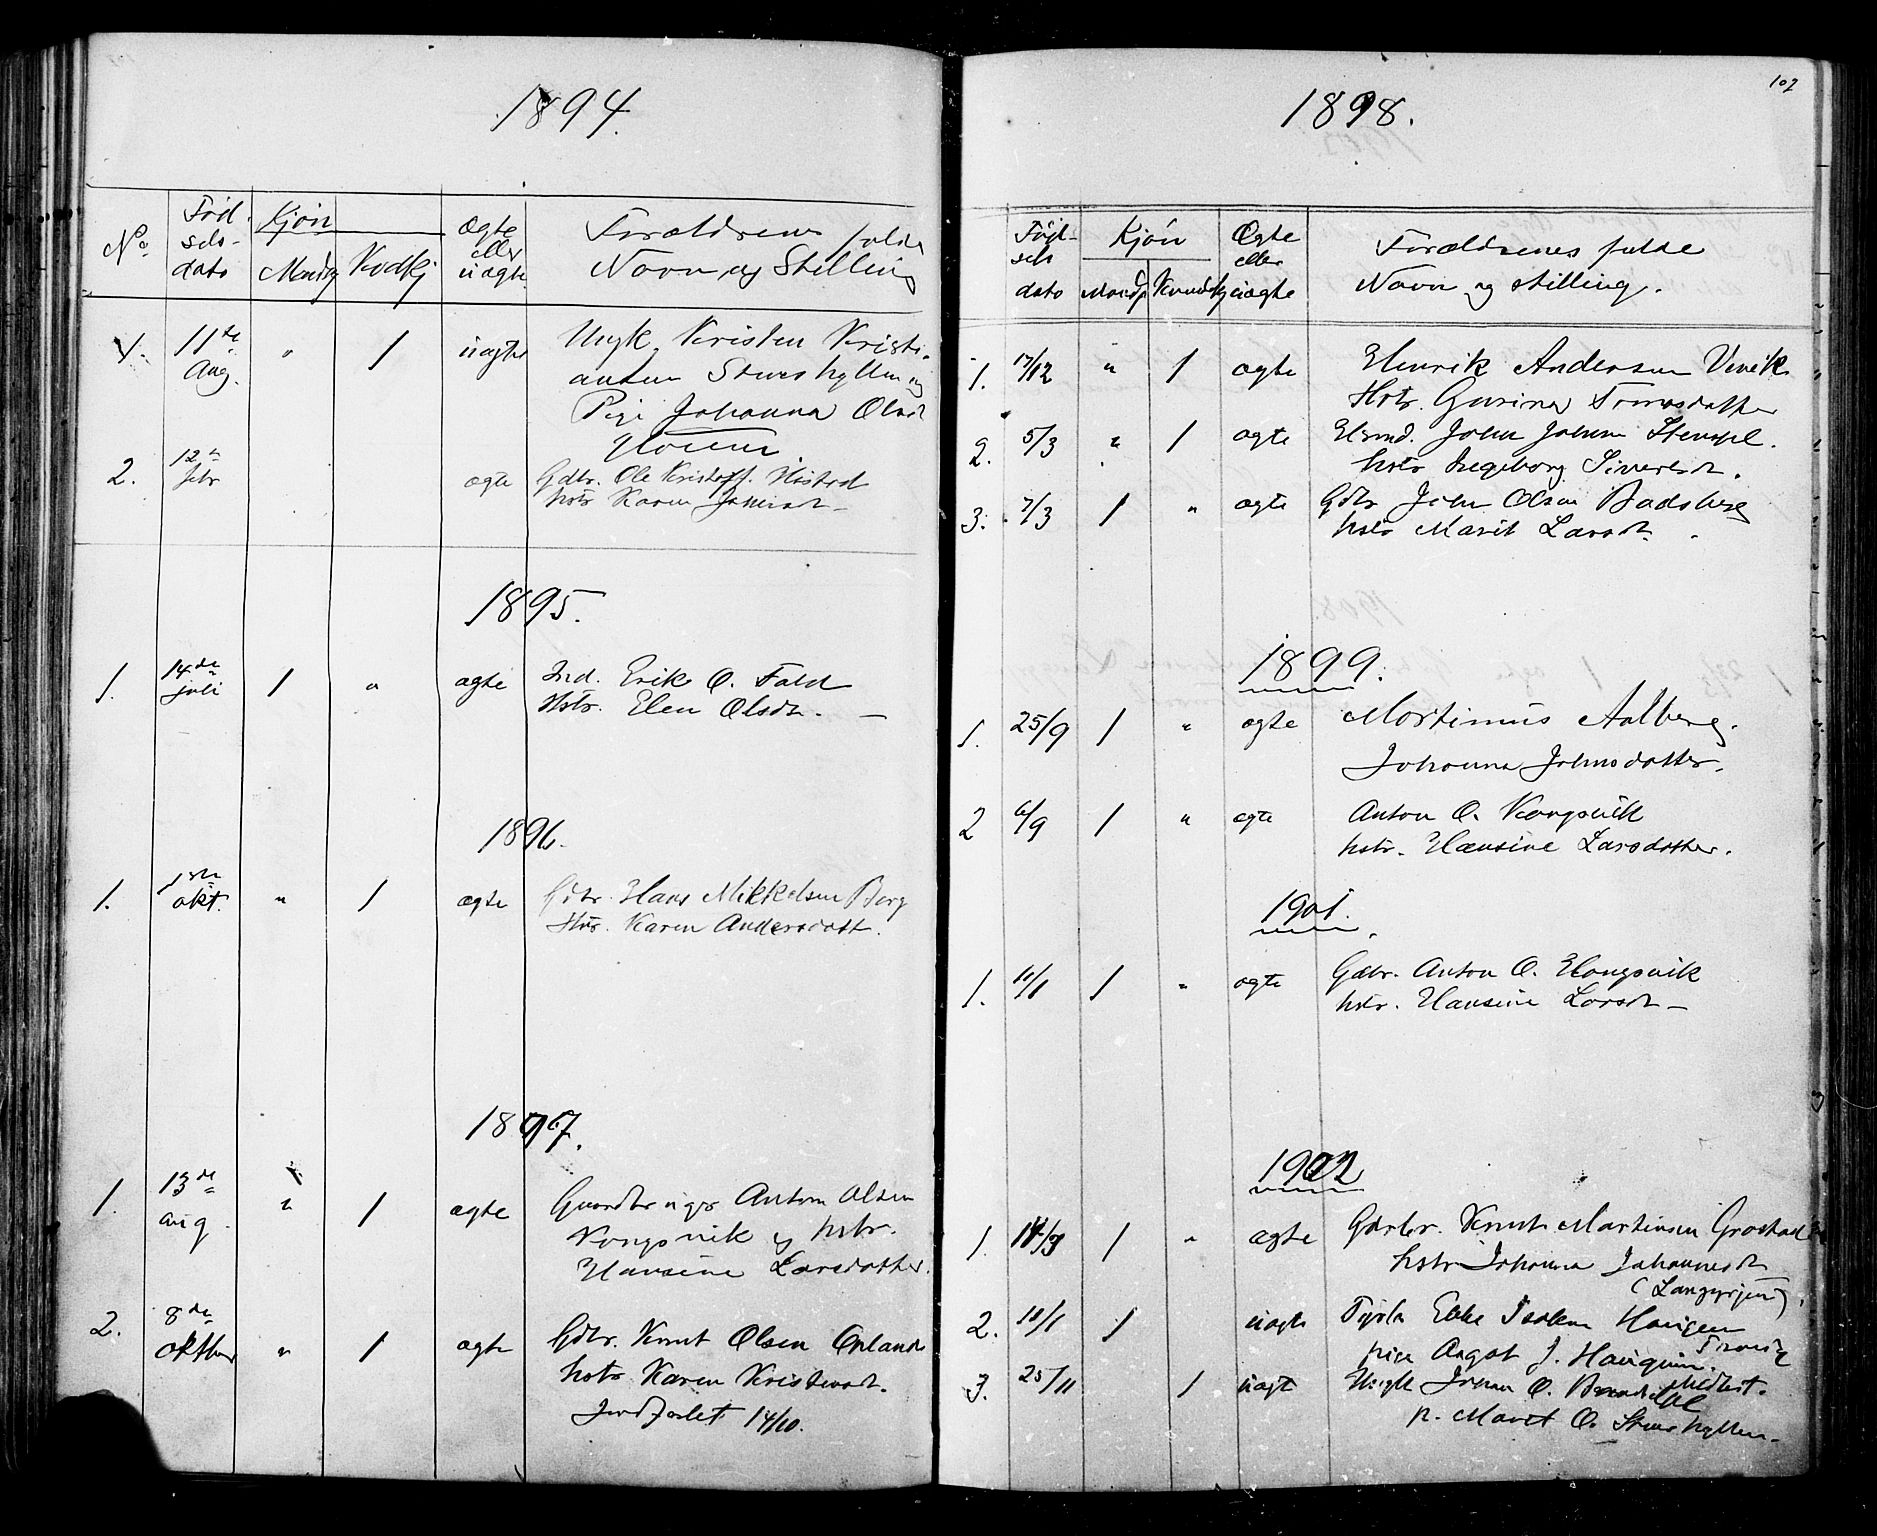 SAT, Ministerialprotokoller, klokkerbøker og fødselsregistre - Sør-Trøndelag, 612/L0387: Klokkerbok nr. 612C03, 1874-1908, s. 102